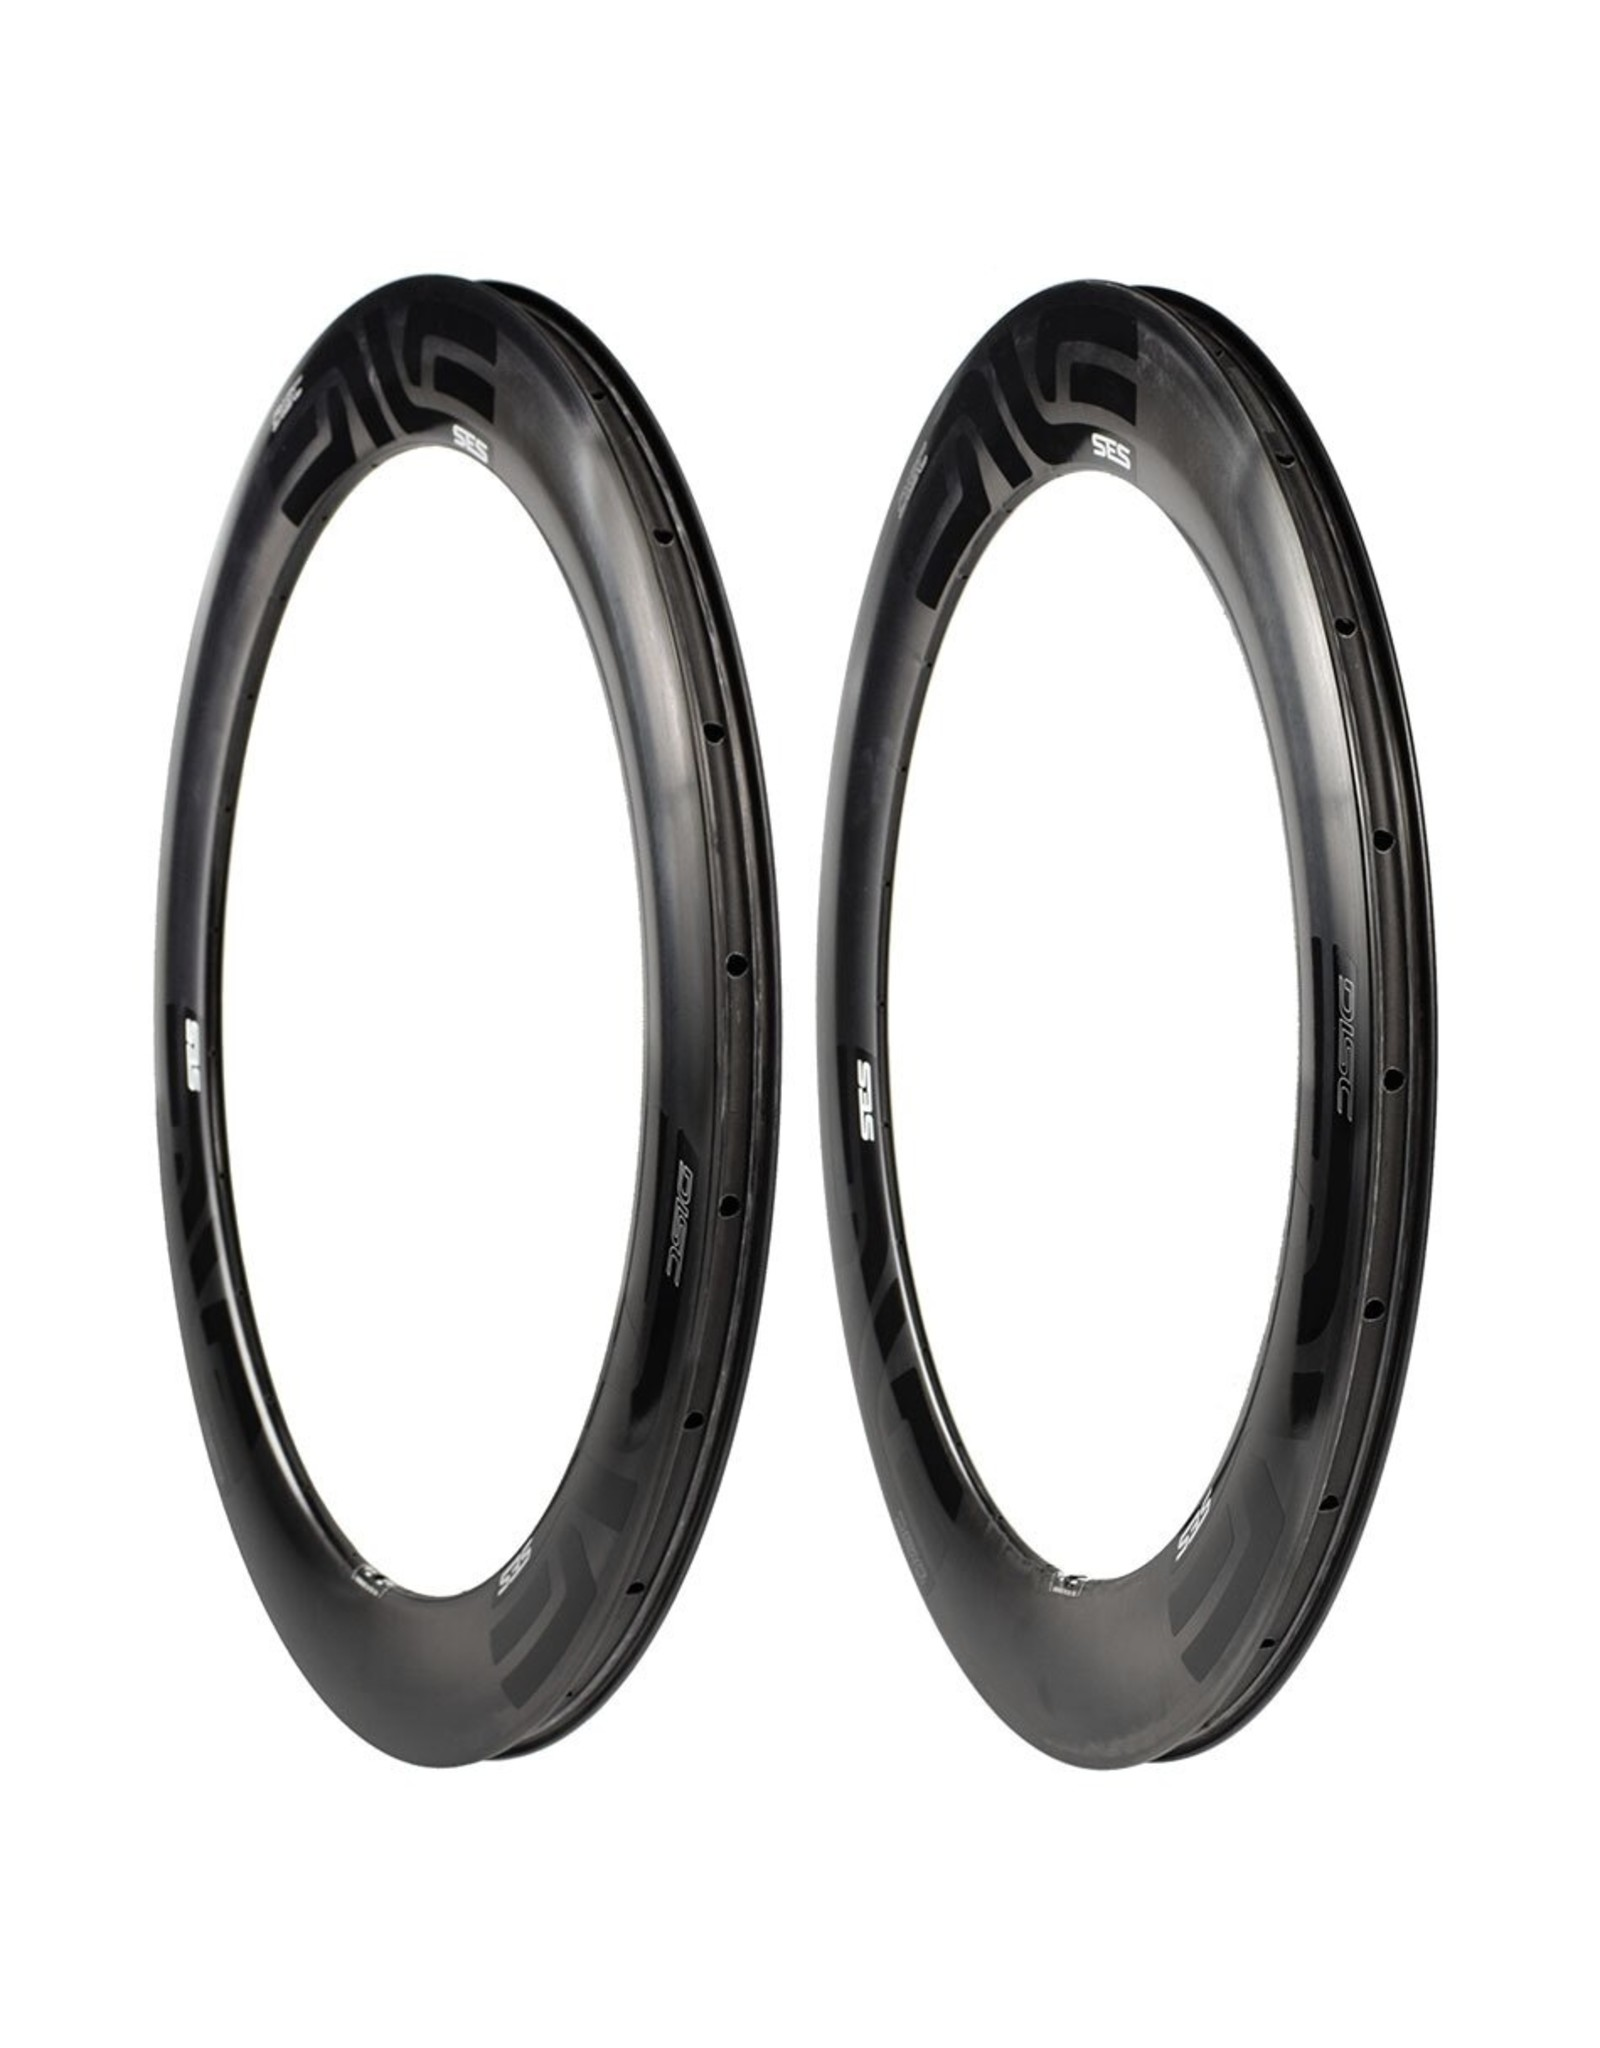 ENVE Composites ENVE 7.8 Disc Carbon Clincher Rims